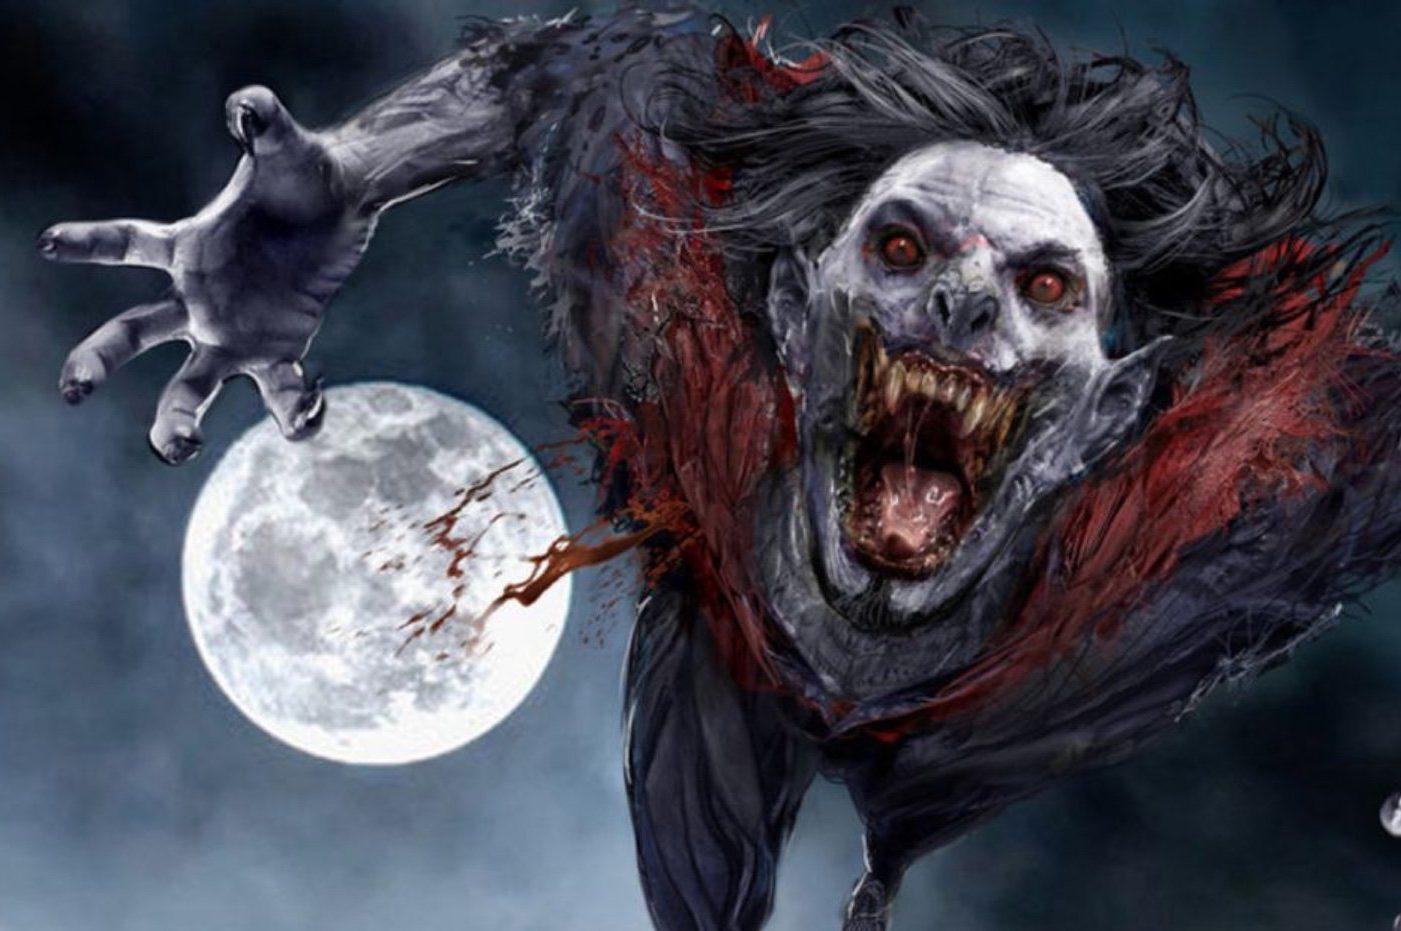 Morbius (film) - Meilleurs fil d'horreur netflix 2021